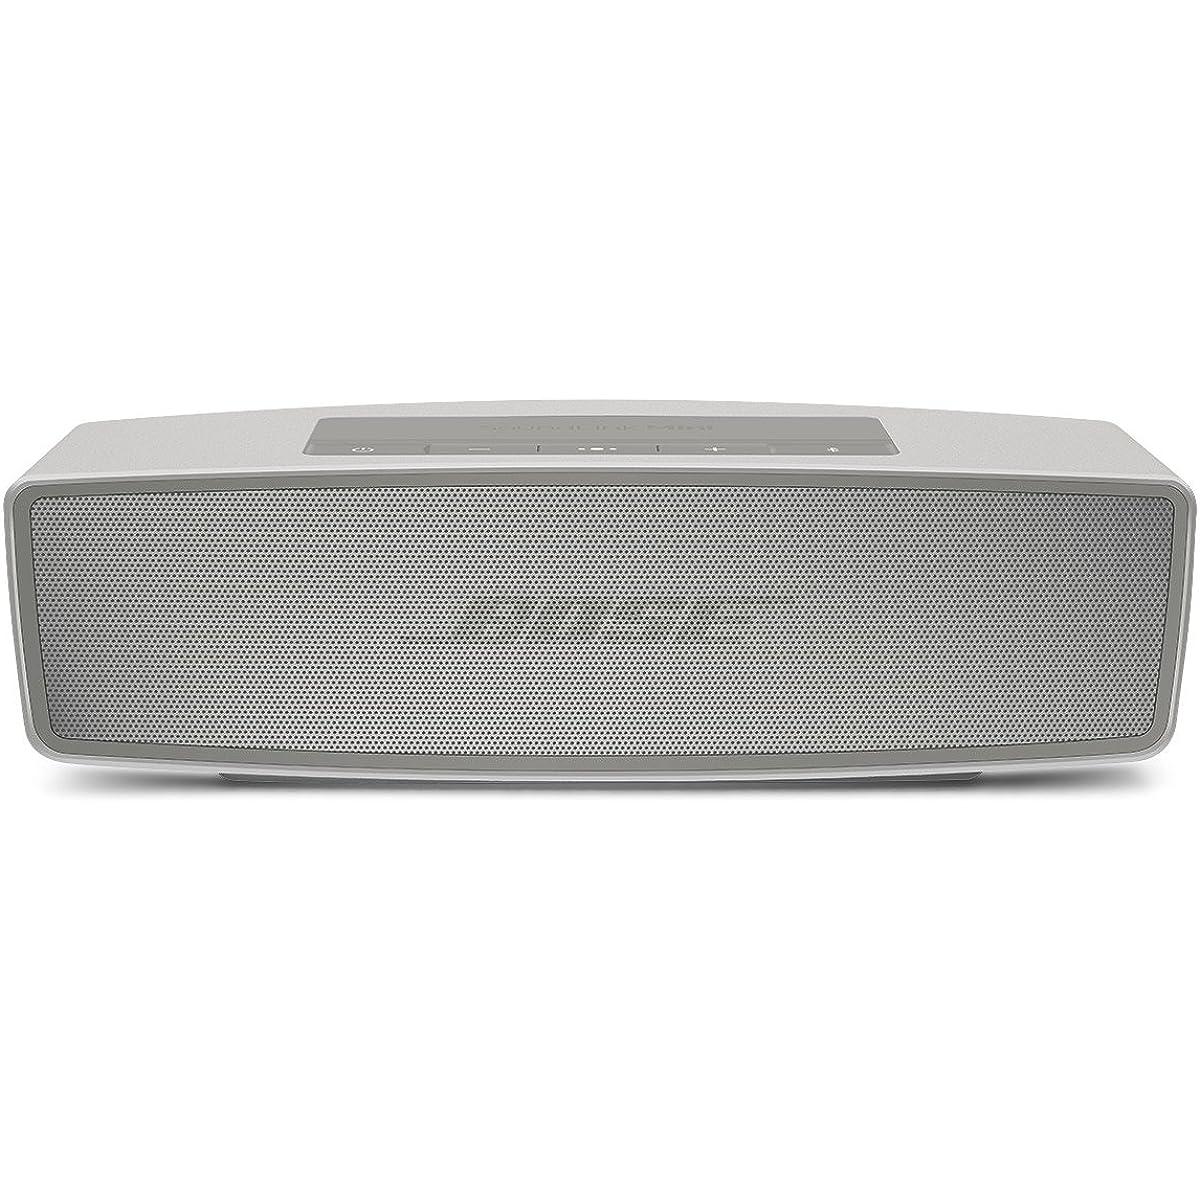 Bei den Bluetoot Lautsprechern sind Produkte von Bose sehr beliebt.